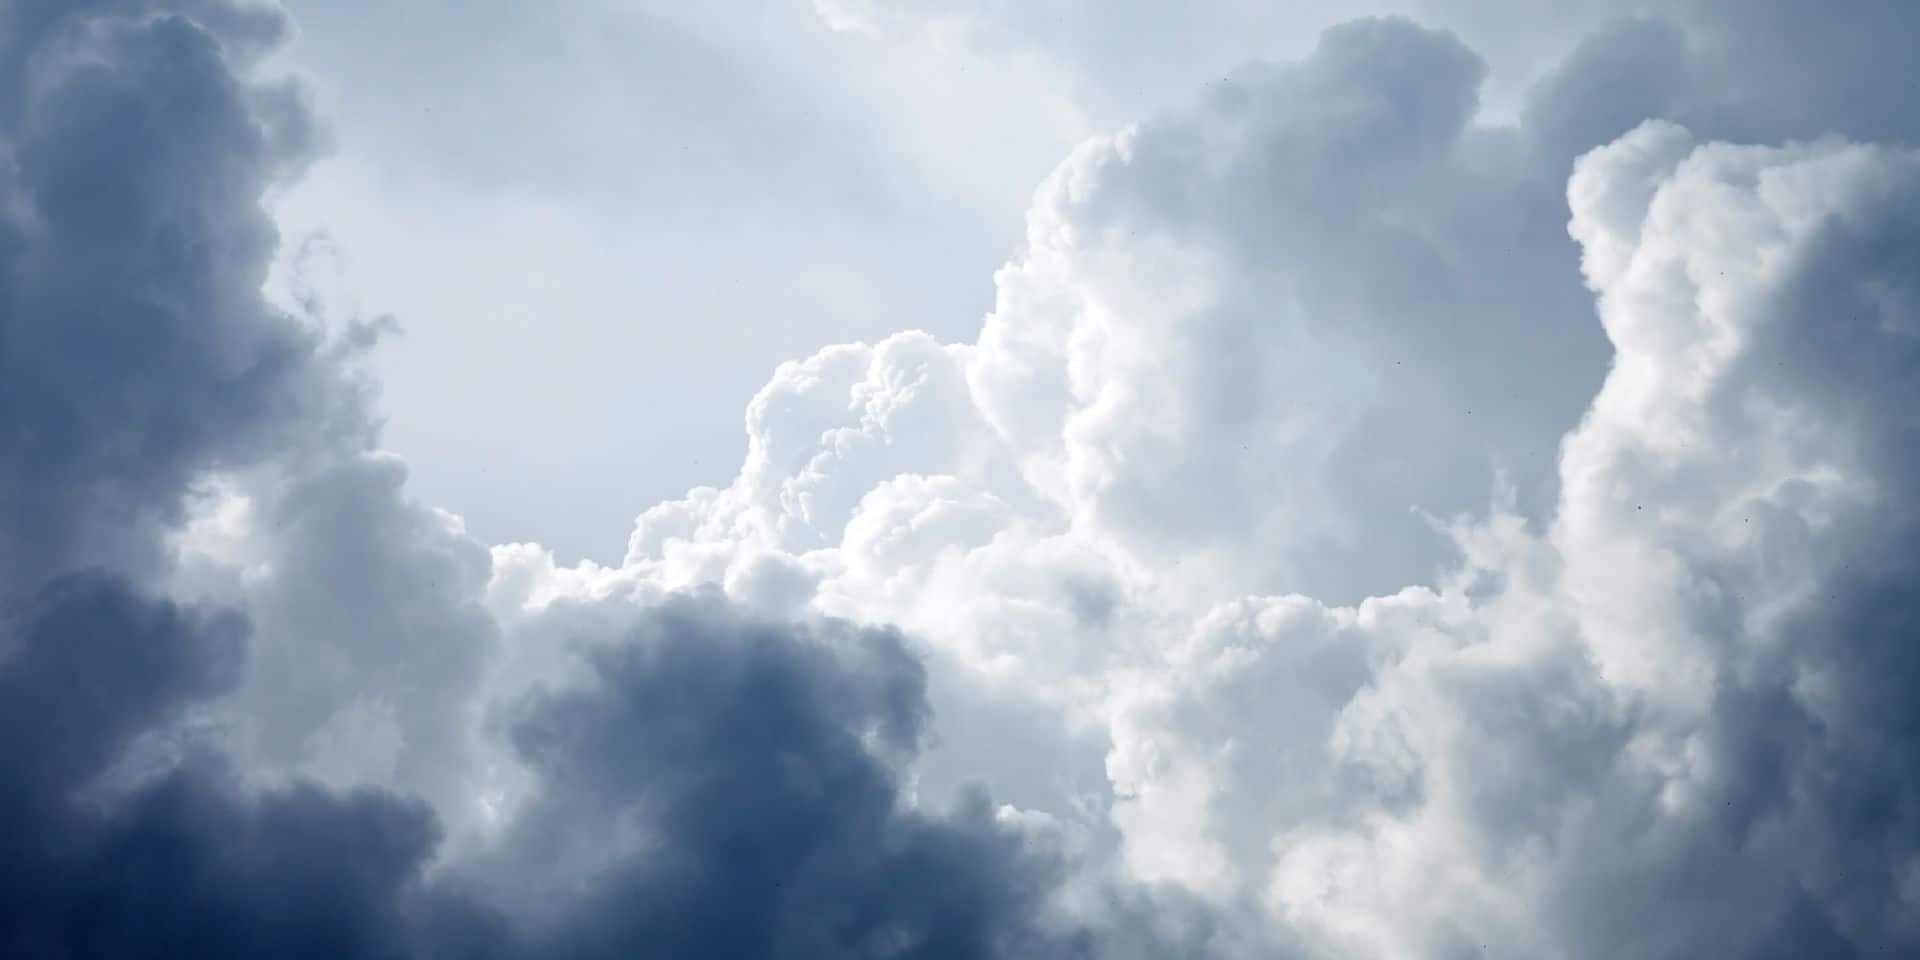 Météo: un temps sec et nuageux sous des températures douces pour la journée de mardi